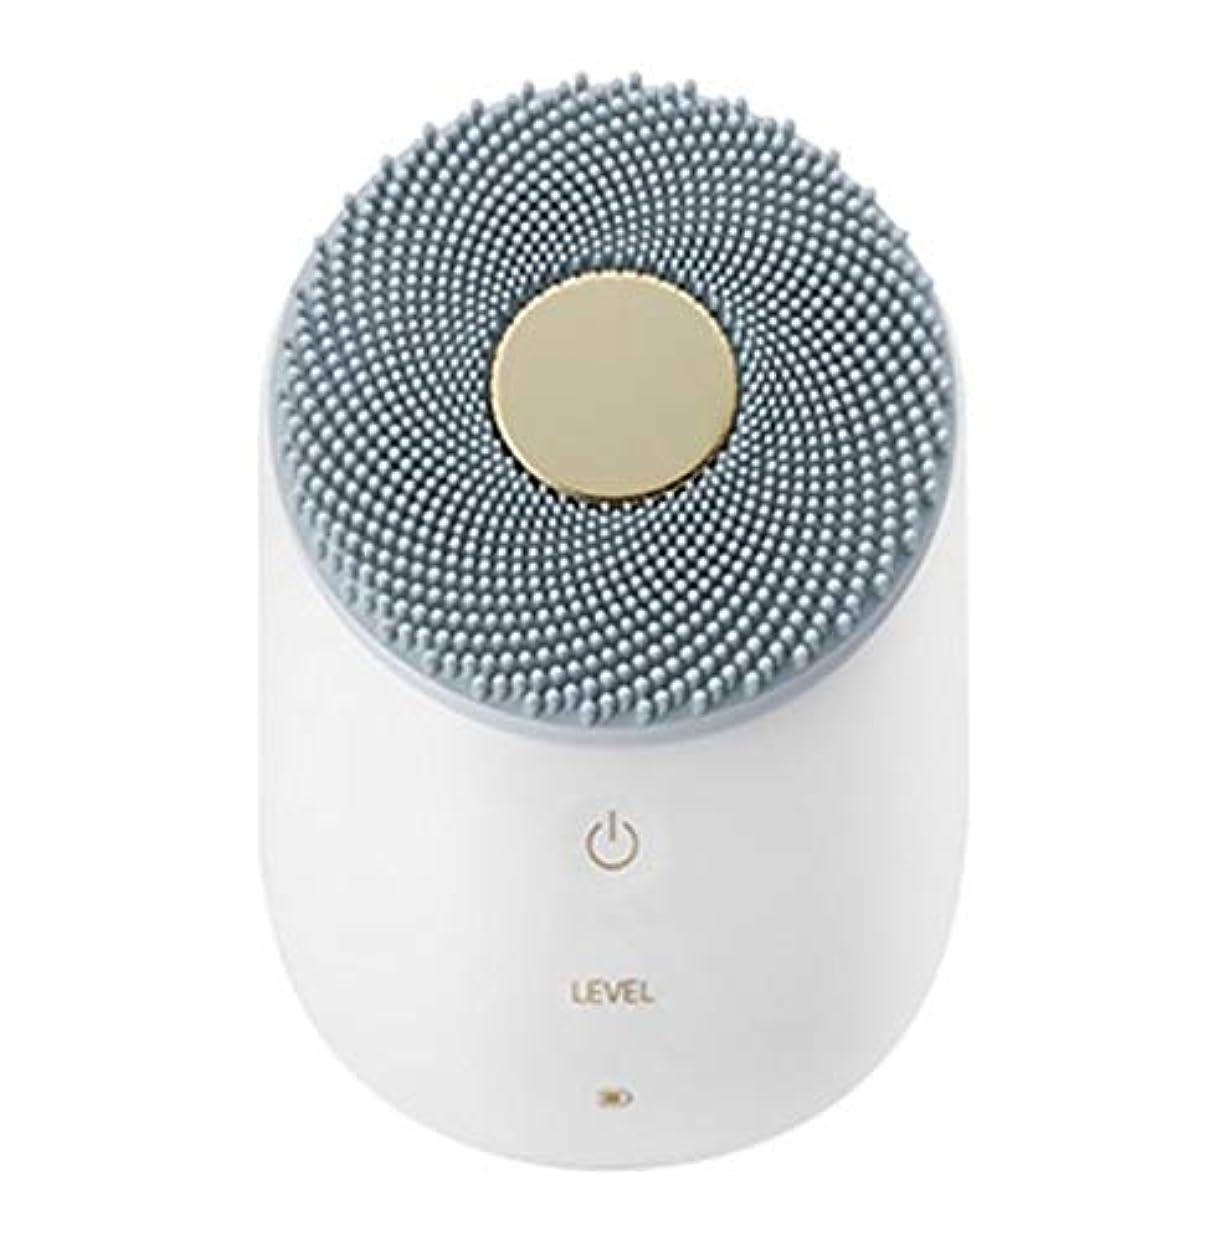 家庭前者肉腫(LGエレクトロニクス) LG Electronics Pra.L 超音波 振動 クレンジング 美肌 フェイシャル 洗顔 ブラシ [並行輸入品]